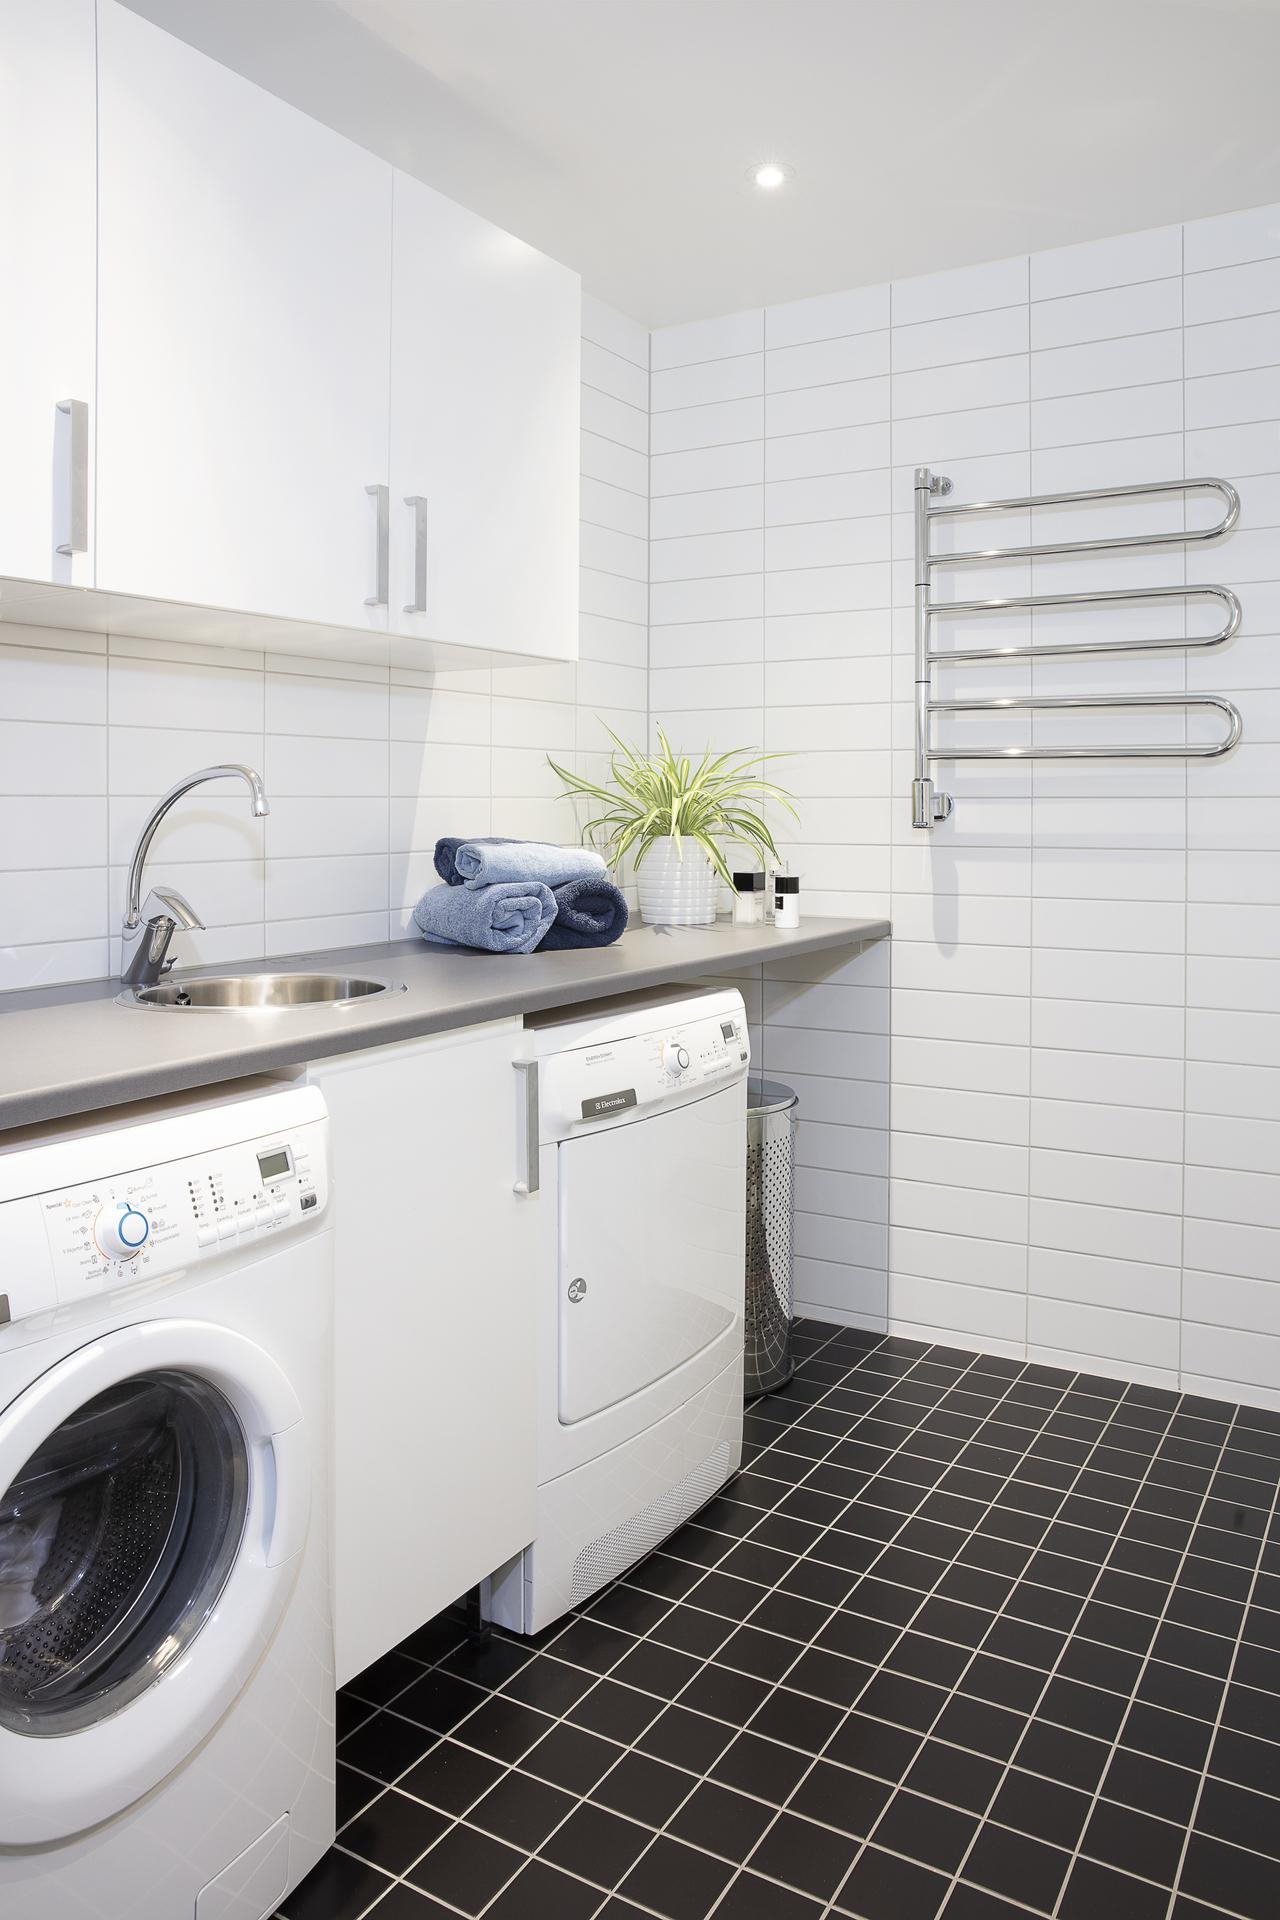 Här finns även en separat tvättavdelning med tvättmaskin och torktumlare